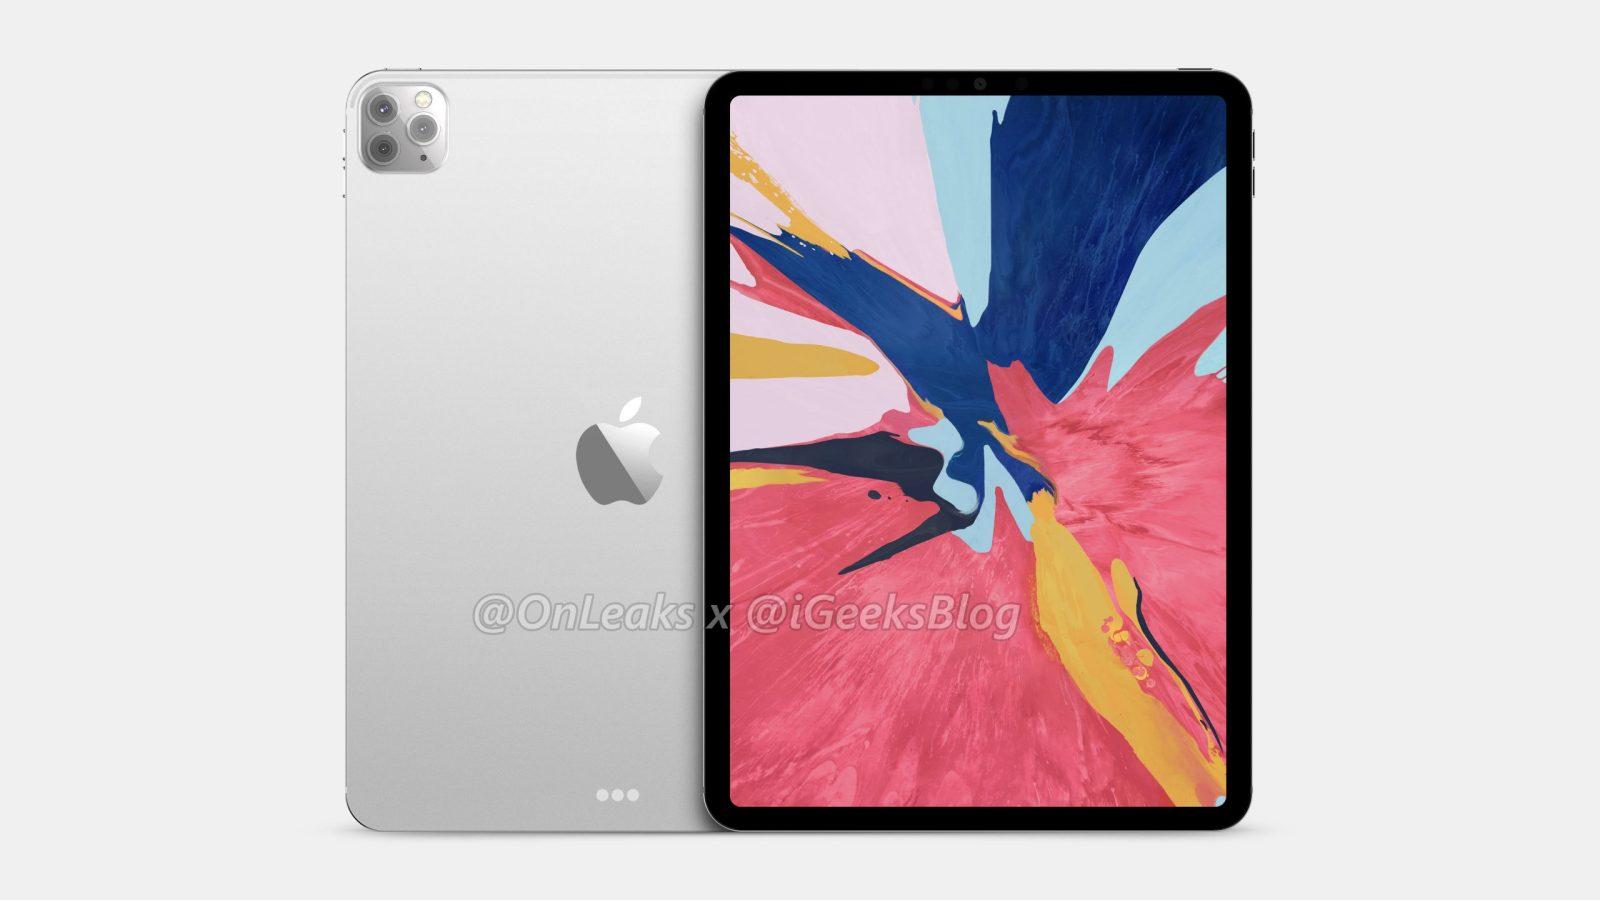 روکیدا | iPadAir جدید اپل؛ ارزانتر با قابلیت بیشتر!!! | اپل